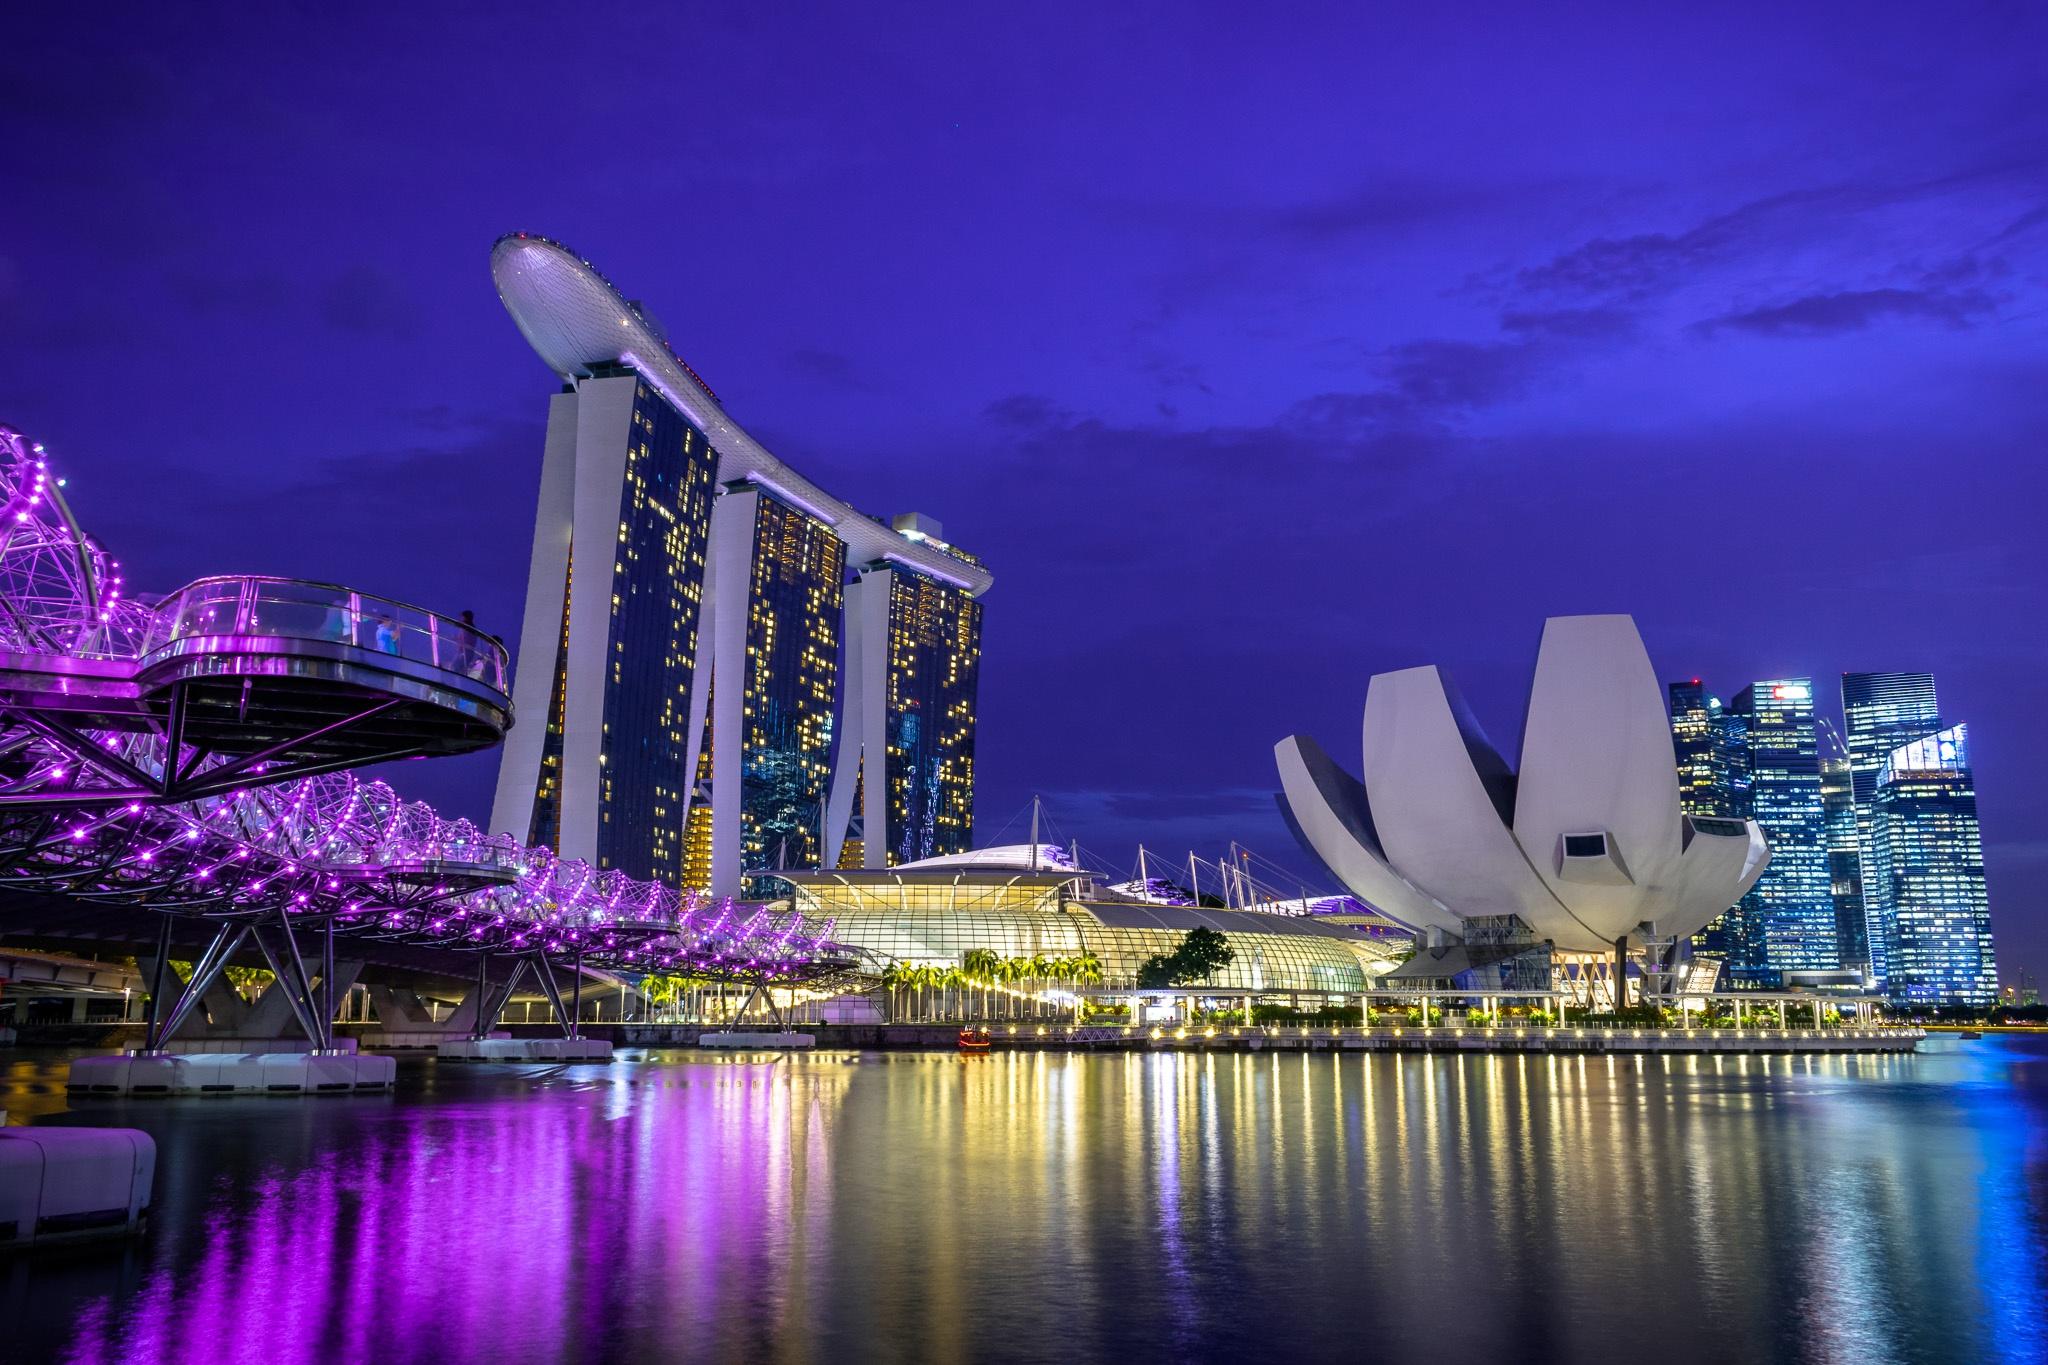 страны архитектура Сингапур отель  № 941477 бесплатно